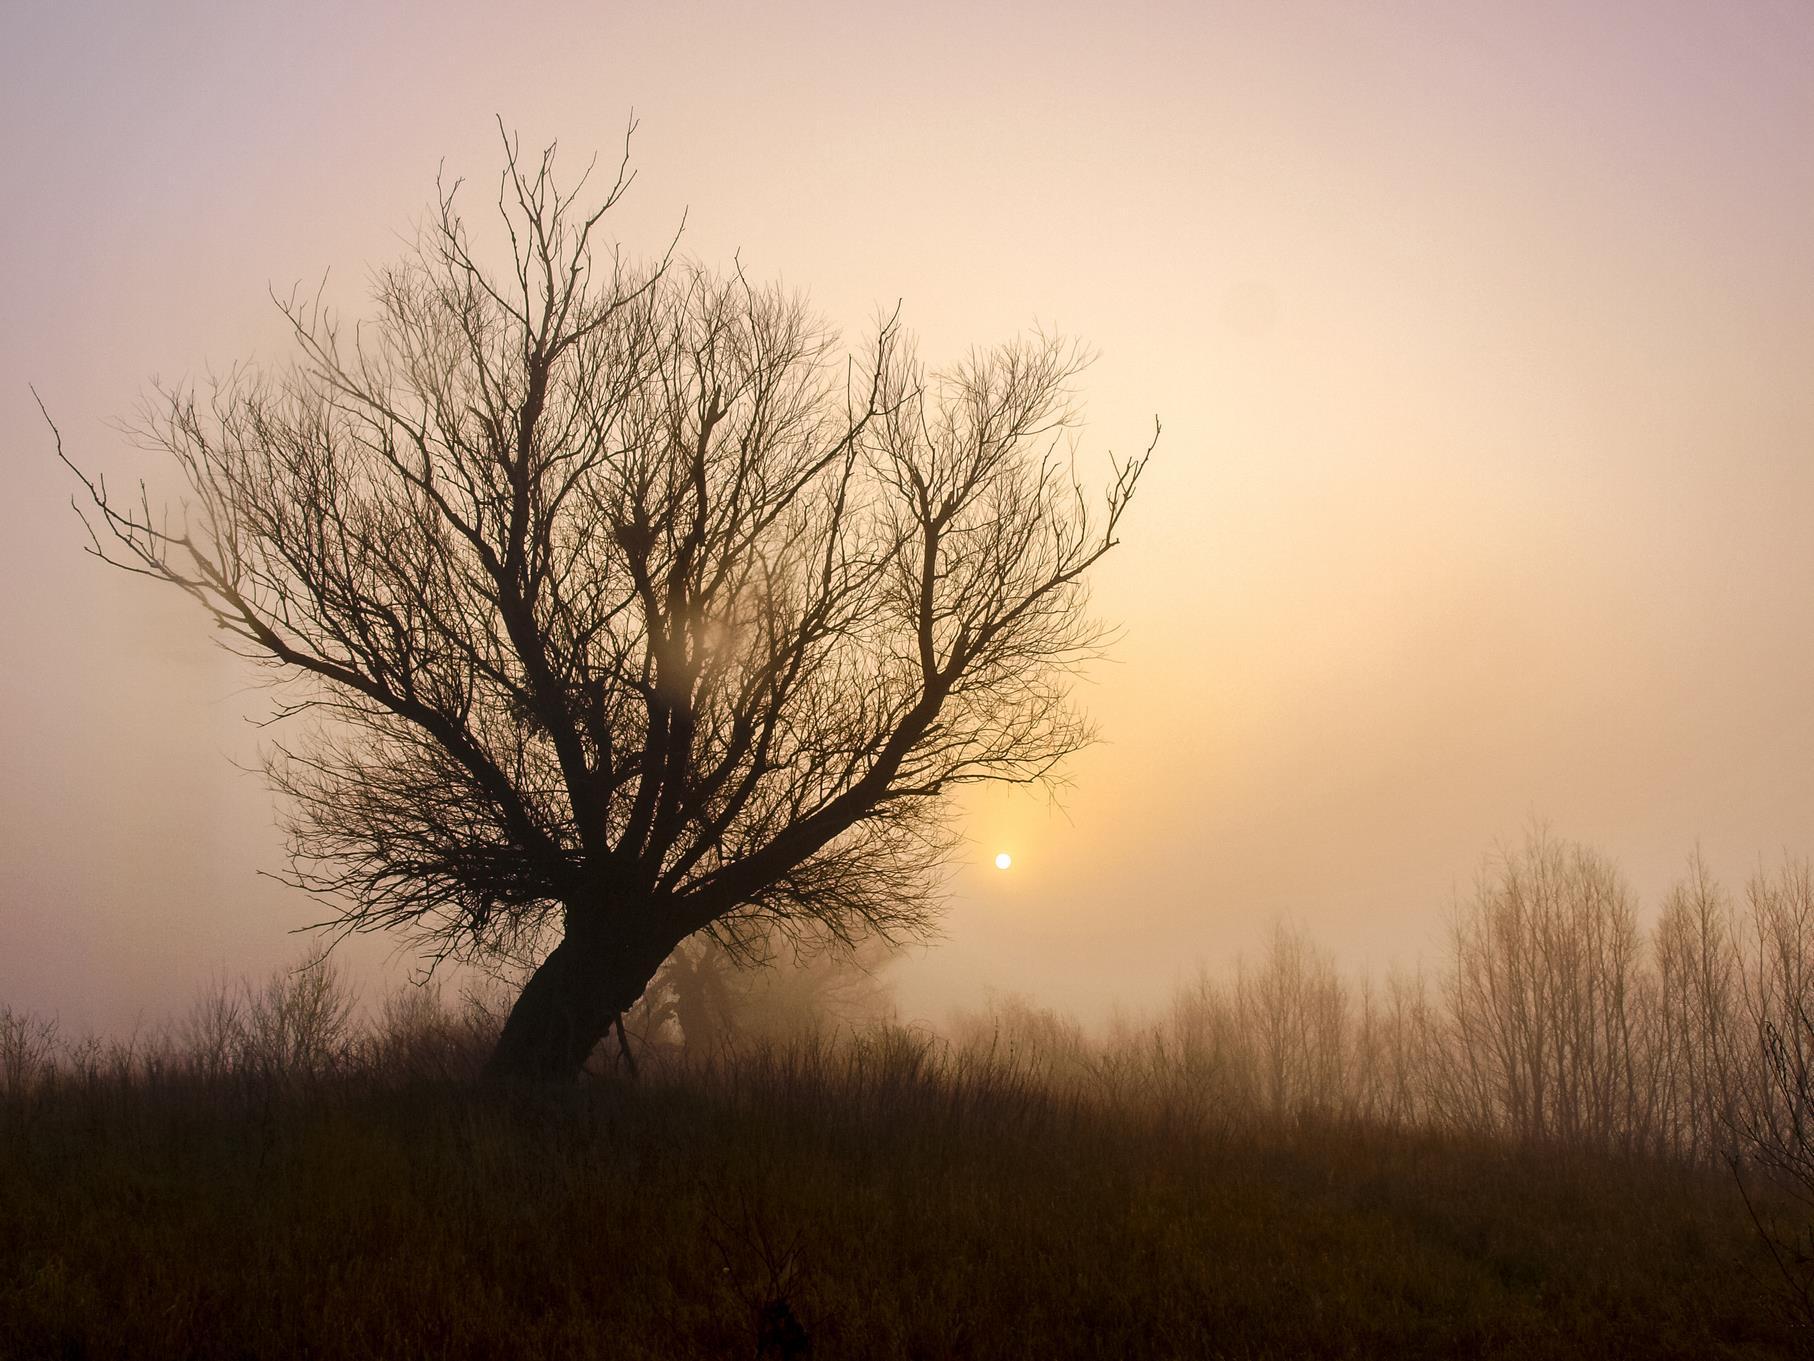 Kopfweide in der Morgensonne im März.